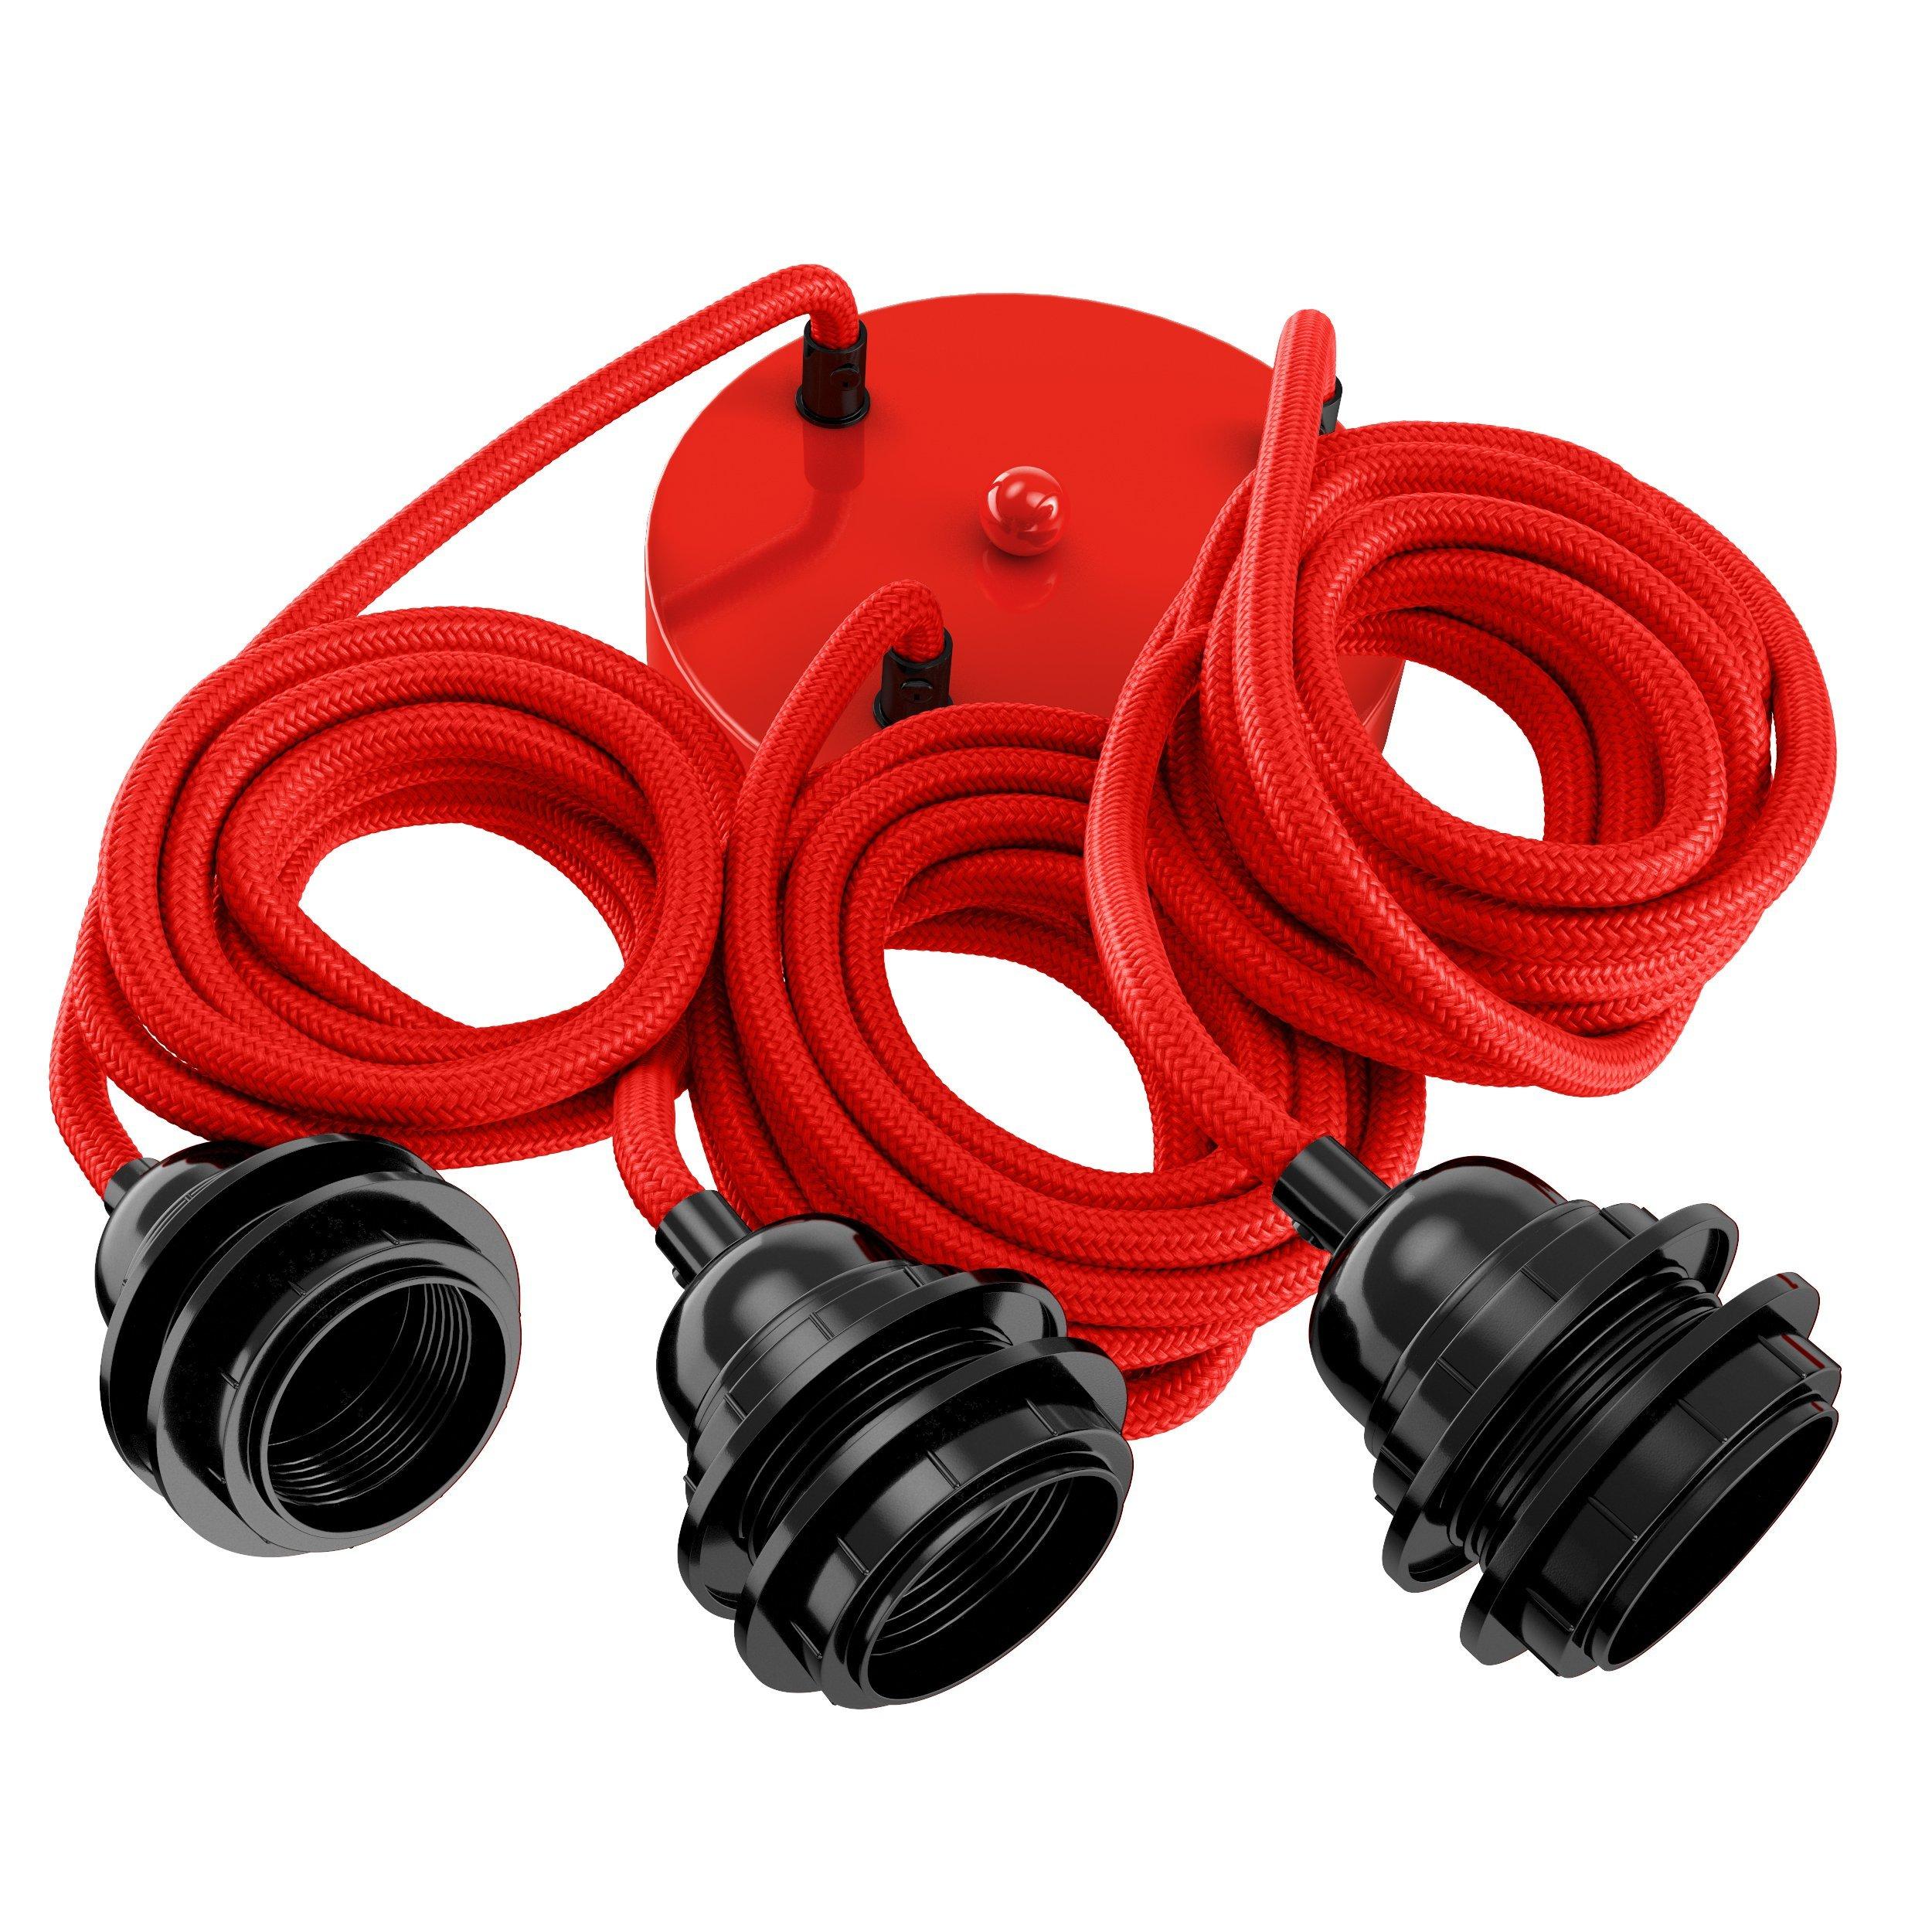 Suspension 3 fils électriques en tissu rouge 2,5m douille noire